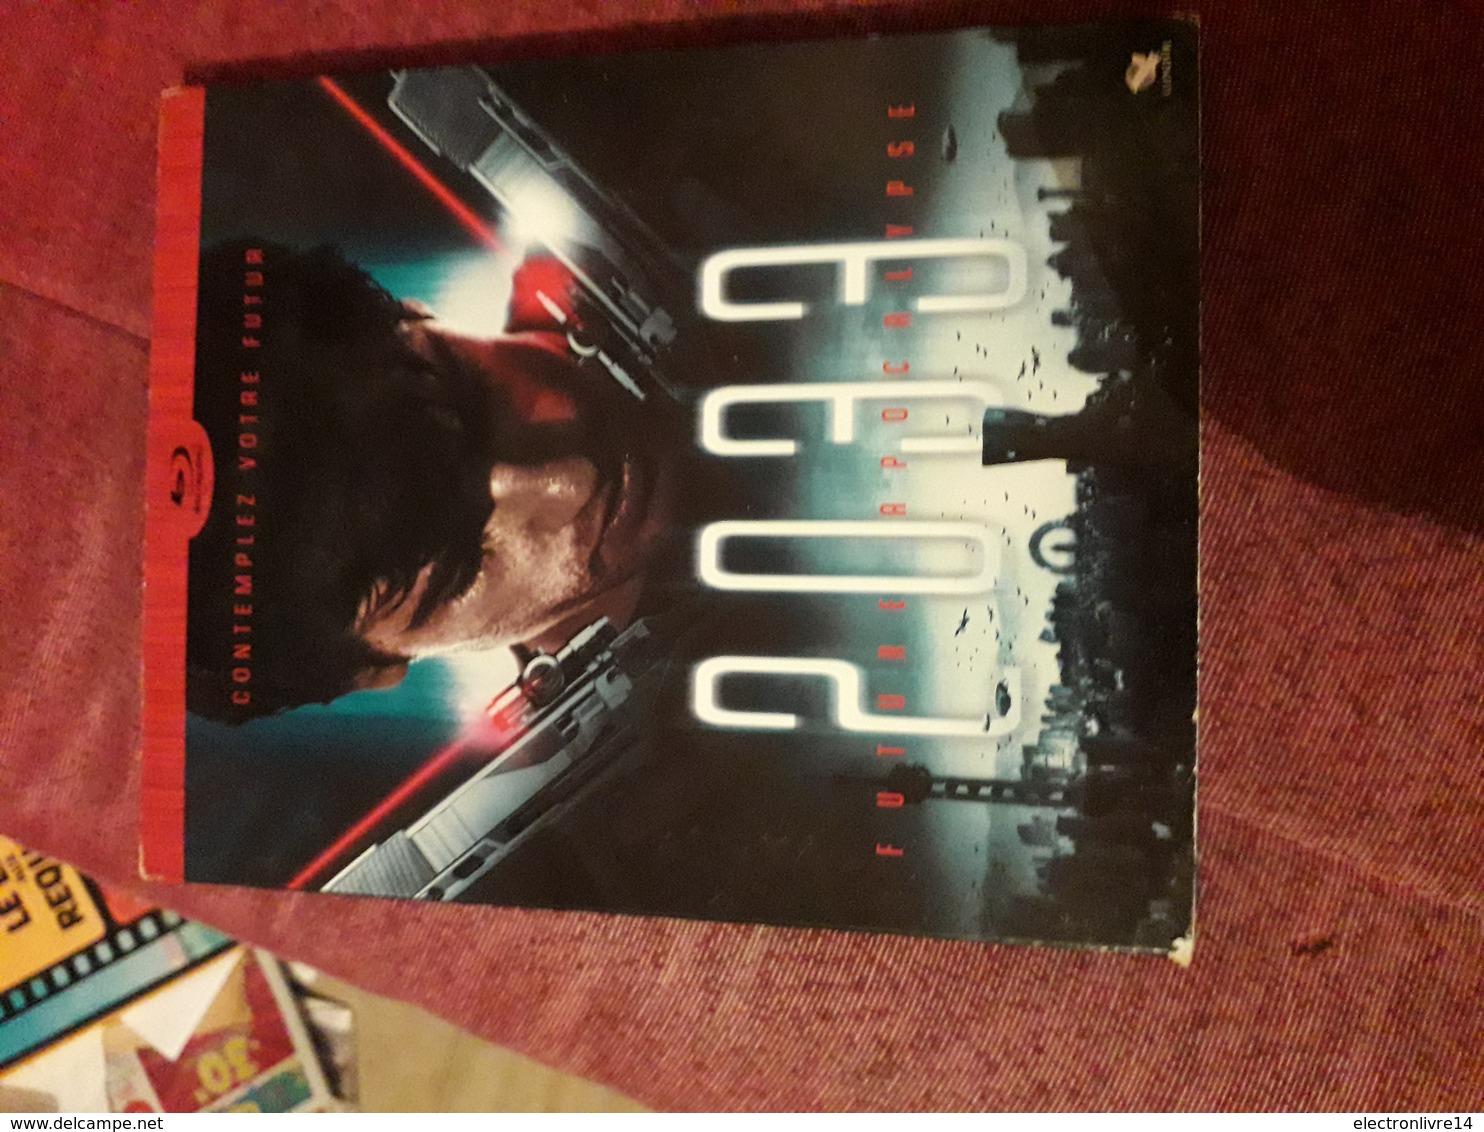 Dvd  Bluray 2033 Future Apocalypse   Vf Vostf - Science-Fiction & Fantasy